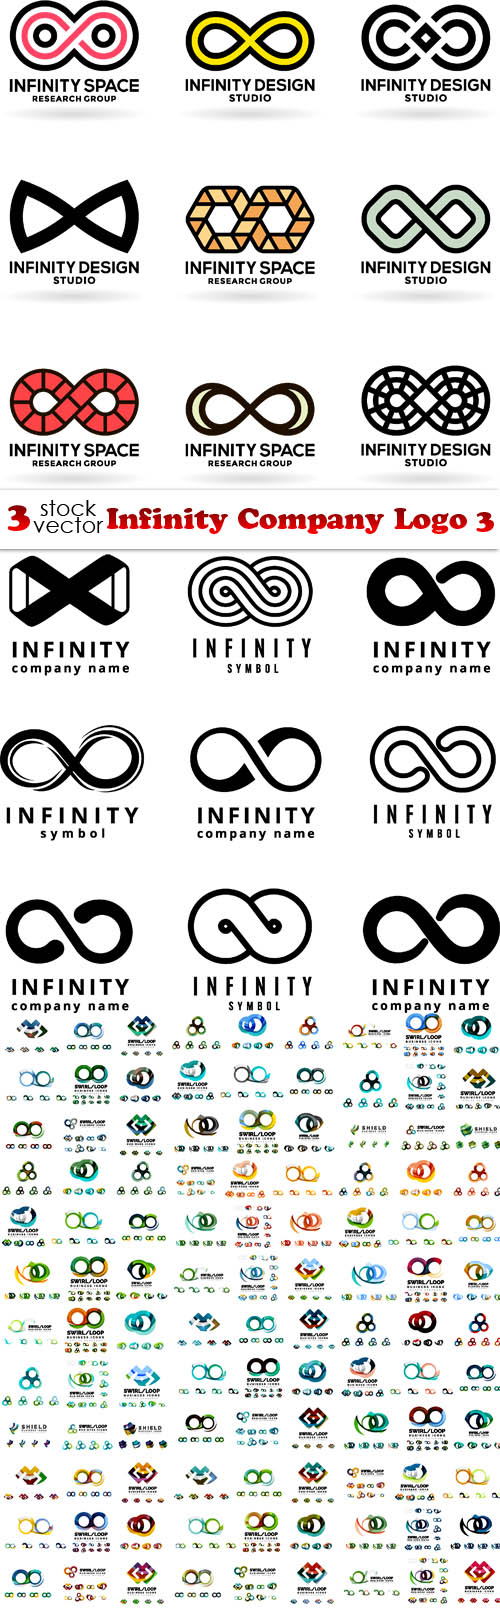 Vectors - Infinity Company Logo 3